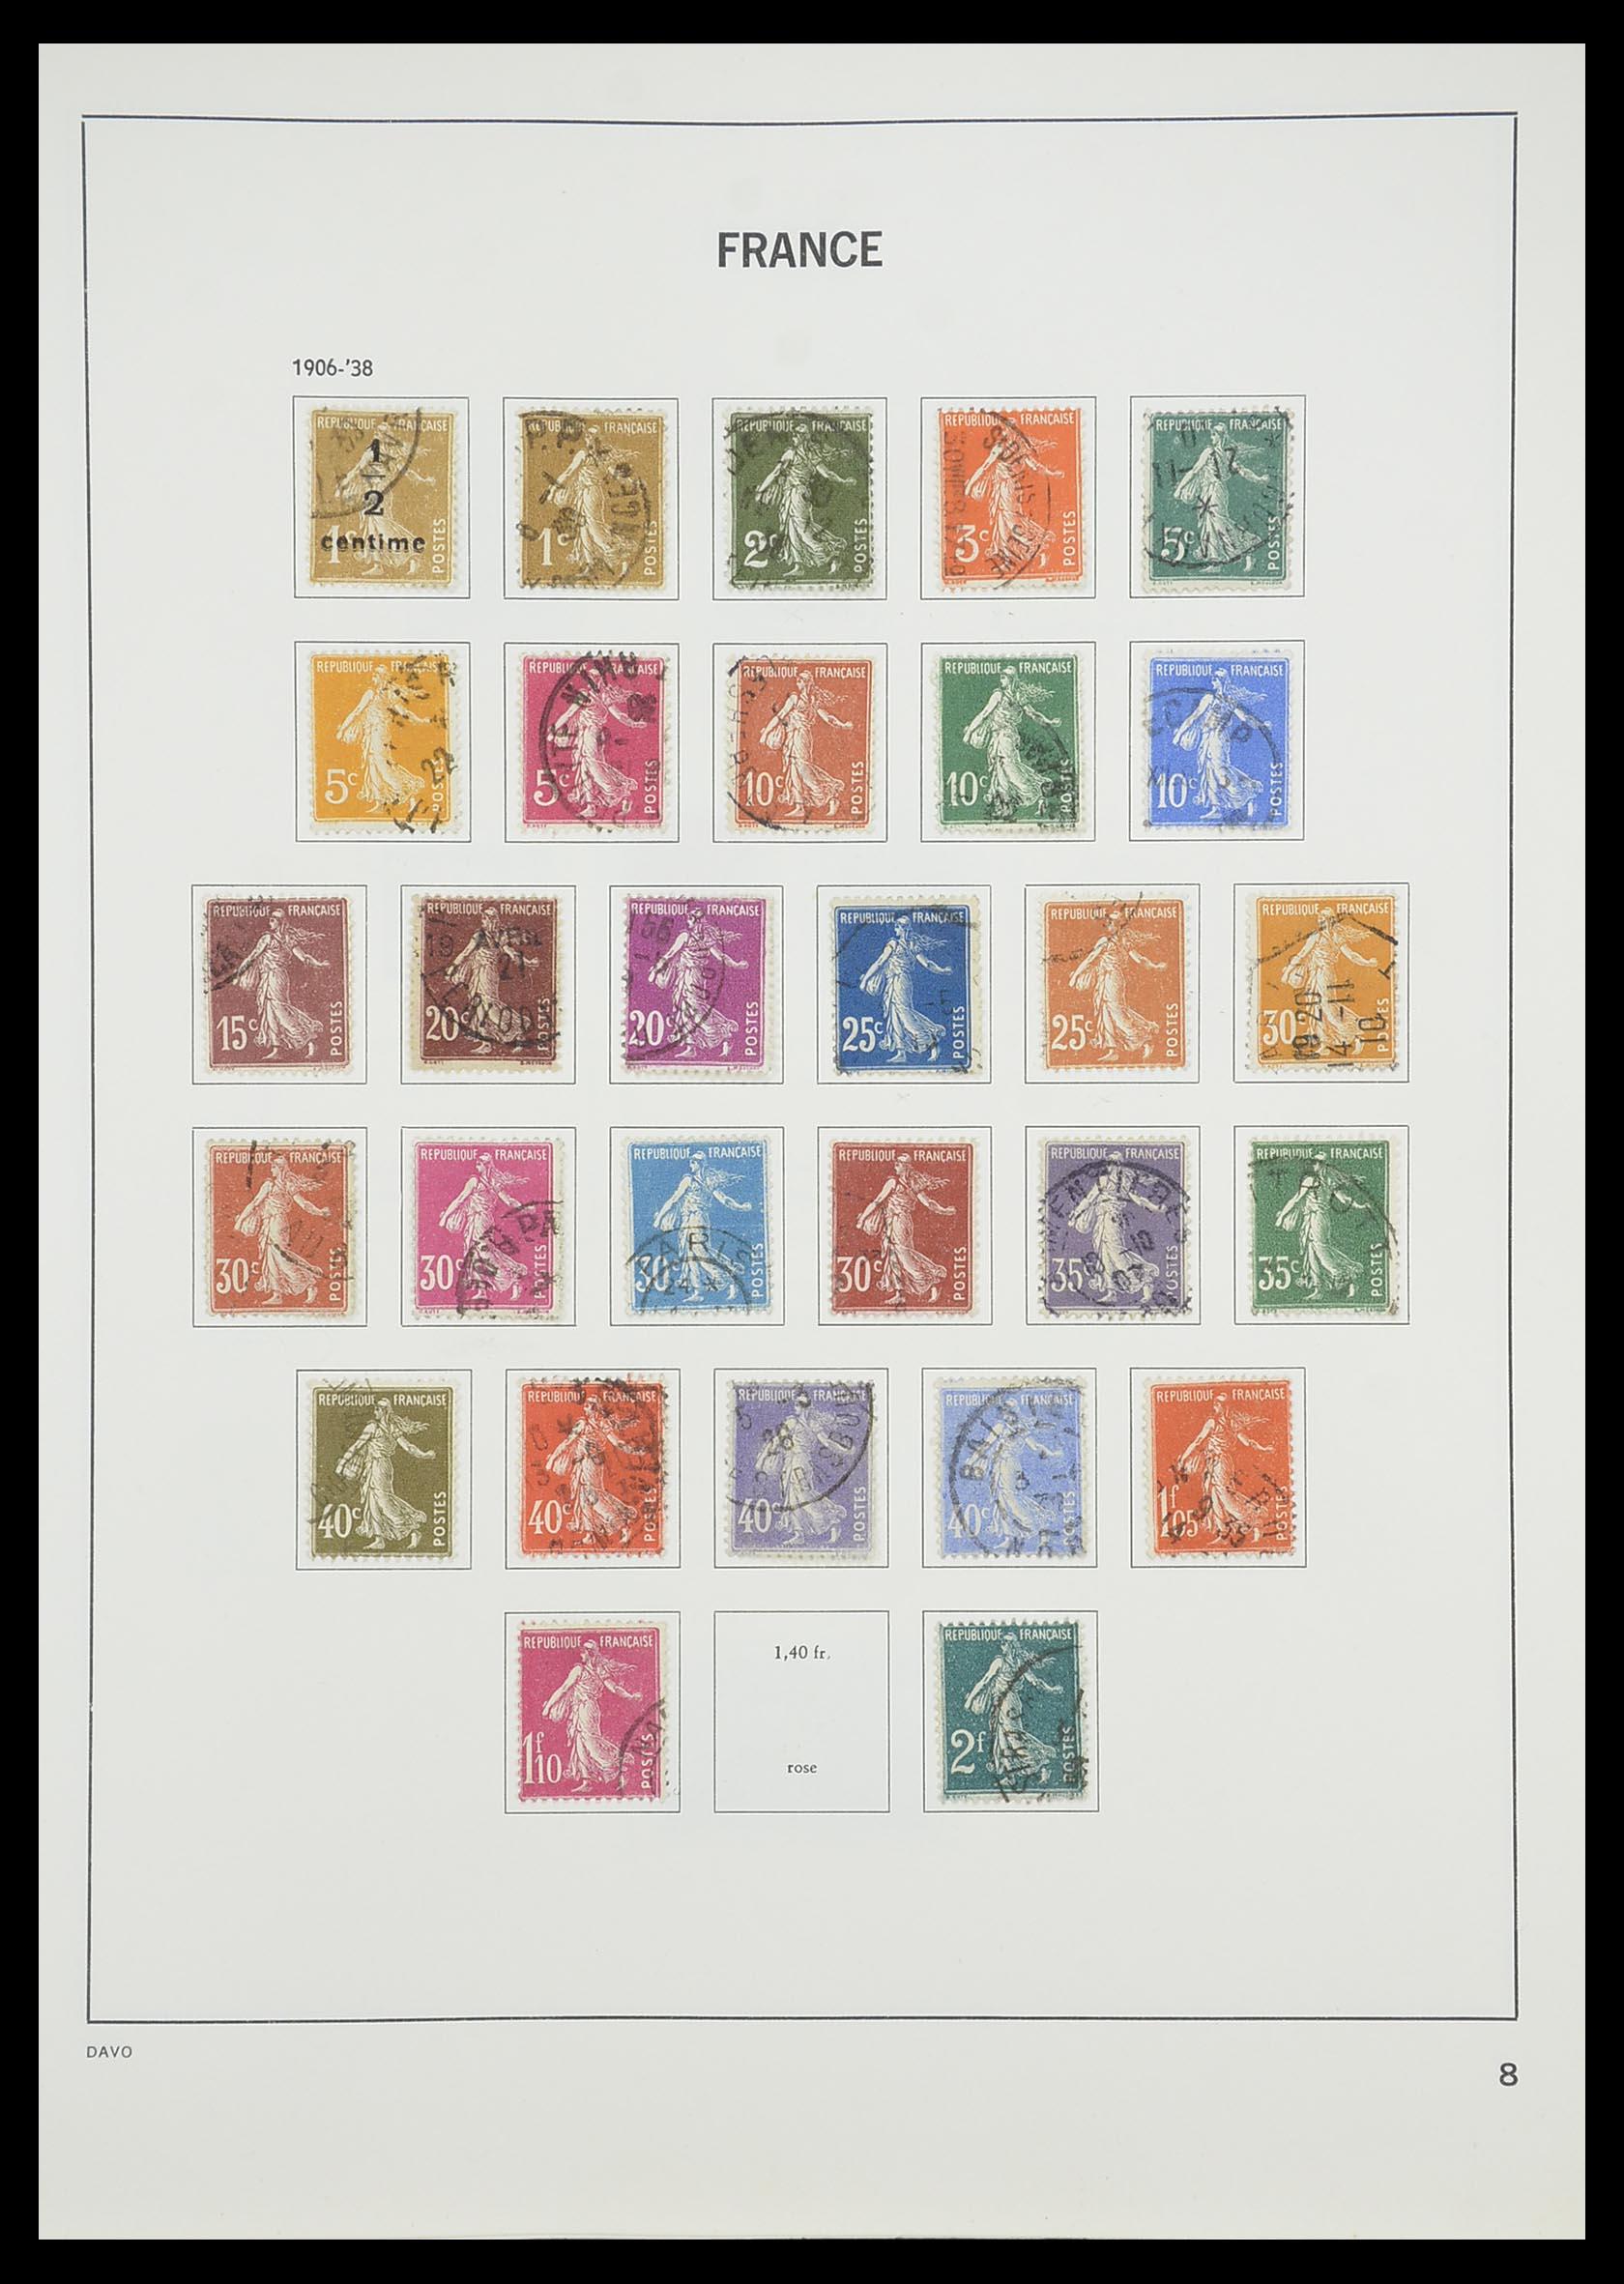 33819 010 - Postzegelverzameling 33819 Frankrijk 1849-1988.